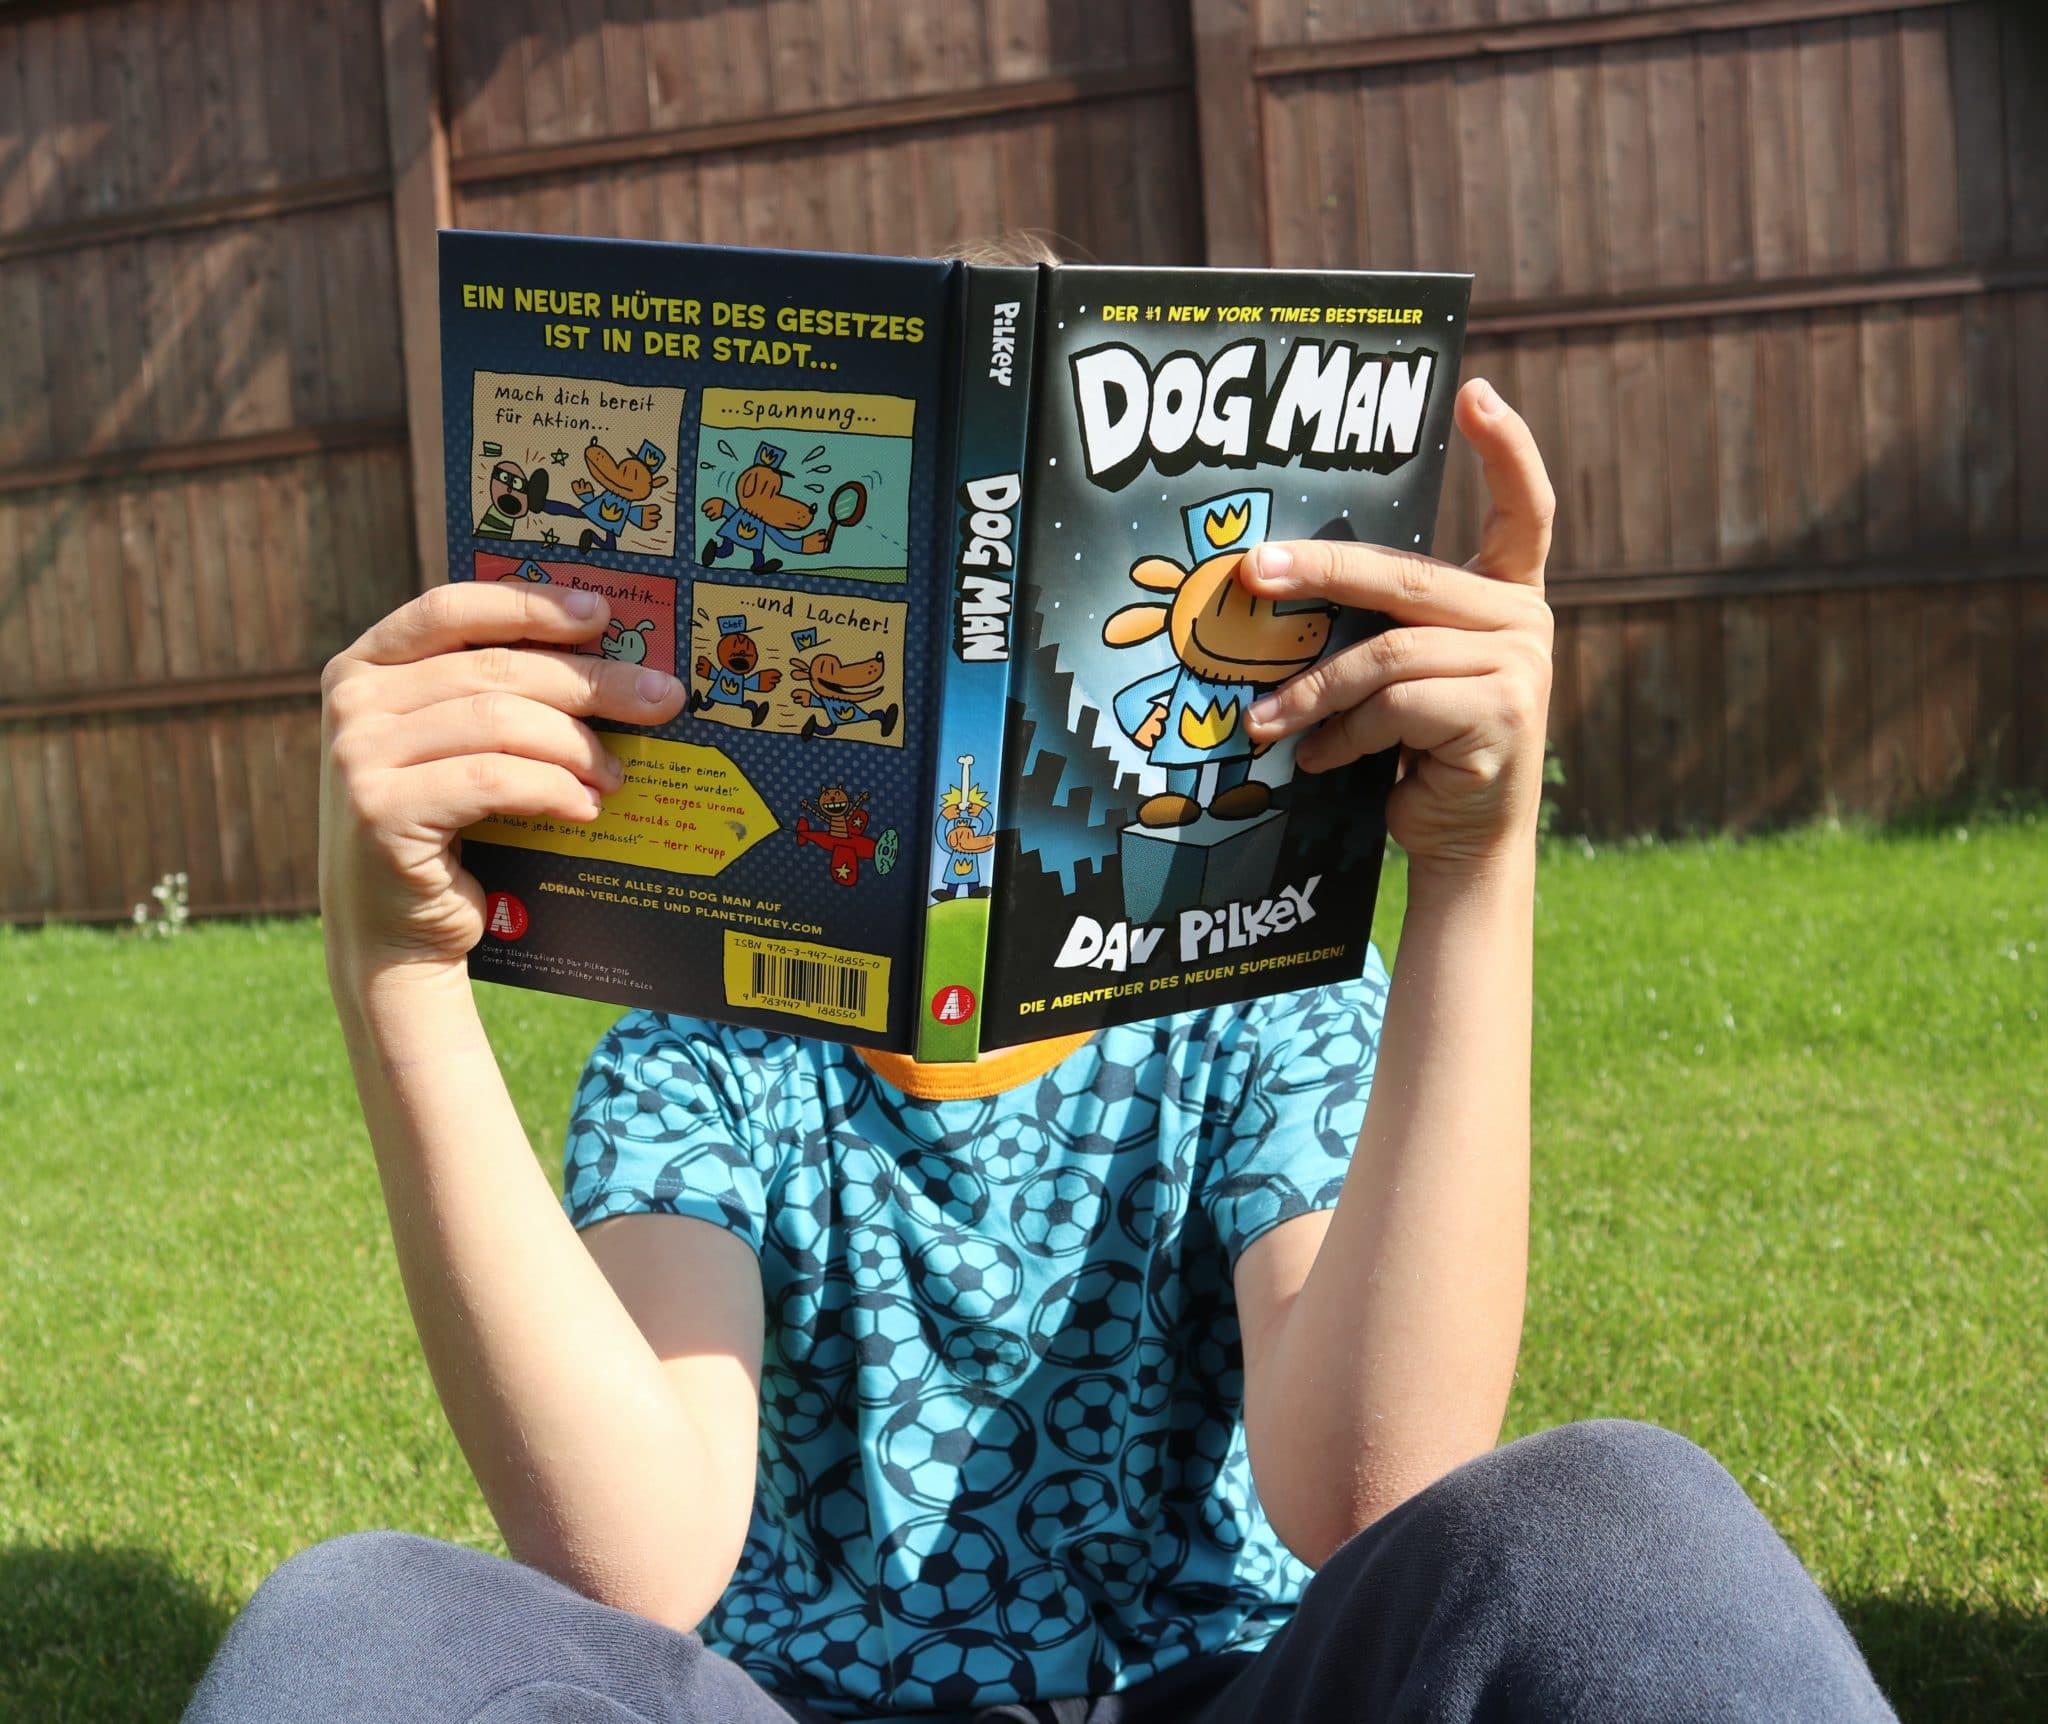 Dog Man, die Buchreihe aus dem Adrian Verlag_ grossekoepfe.de